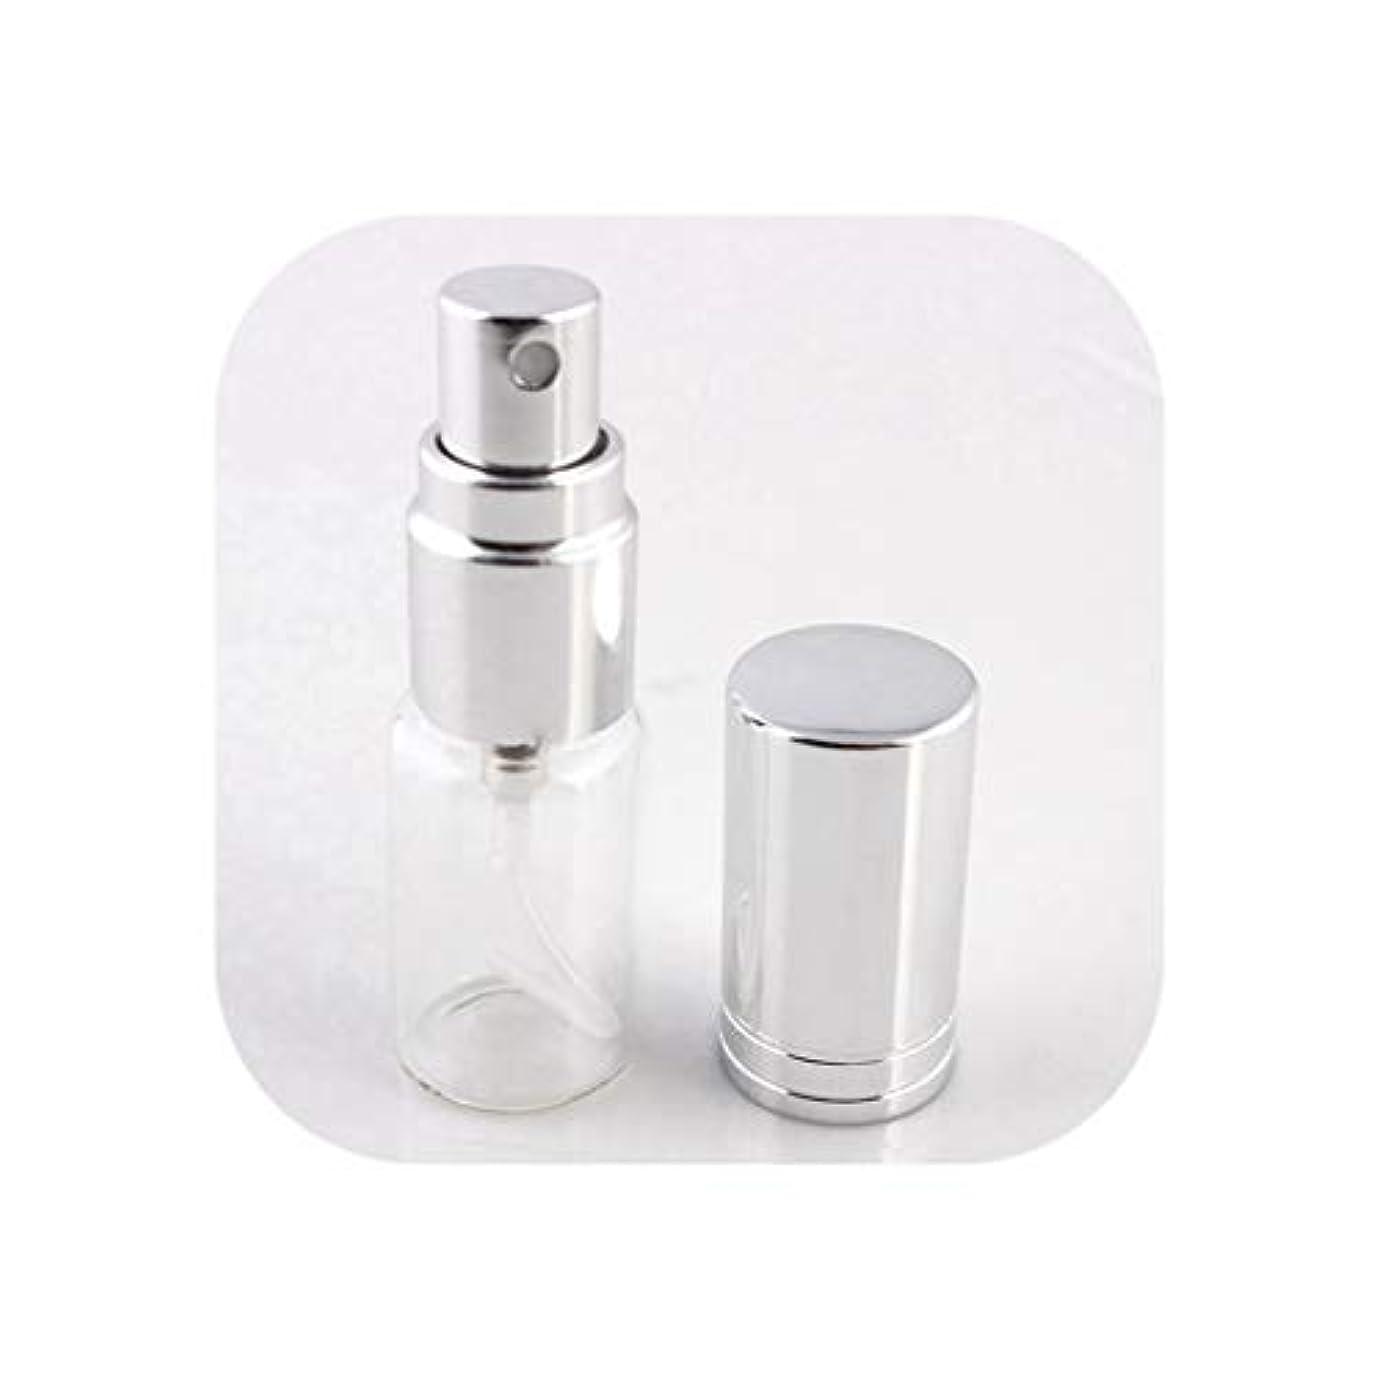 胸意識基礎旅行のためのアトマイザー空の化粧品容器でスプレー、SV1-Lとの1pcsは5ミリリットル/ 10MLポータブルカラフルなガラスの詰め替え香水瓶